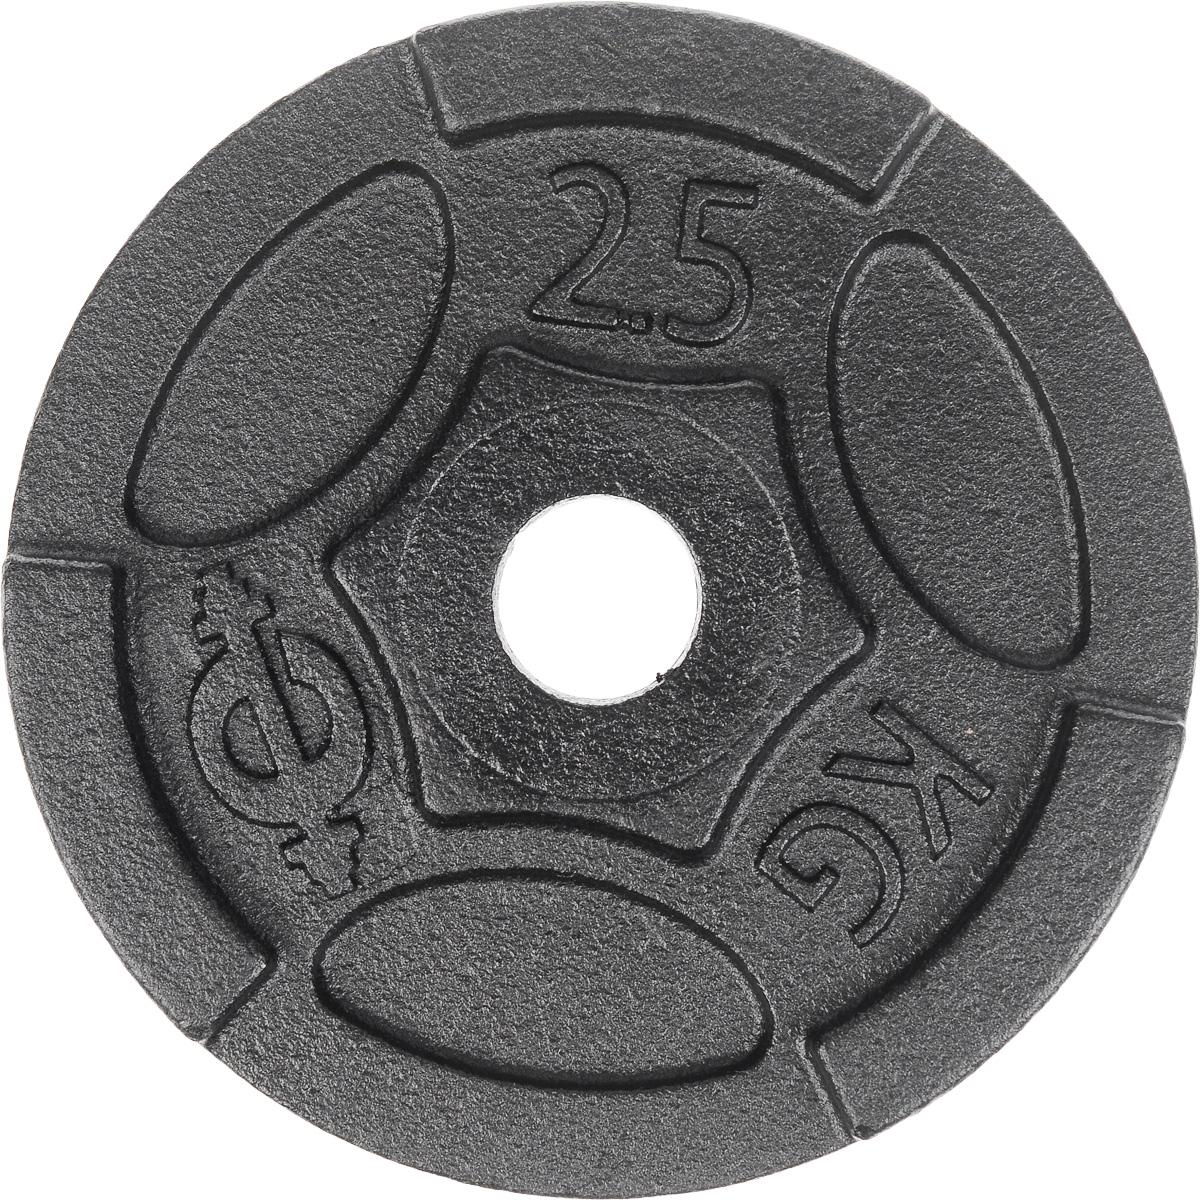 Диск чугунный Euro-Classic, 2,5 кг, посадочный диаметр 26 ммES-0244Идеальная геометрия и ровная поверхность диска Euro-Classic достигается путем применения самого современного оборудования, полностью исключающего механическую обработку изделий. Он выполнен из прочного чугуна с покрытием из порошковой краской. Захваты для рук позволяют без труда поднимать диски с пола. Диаметр диска: 16 см. Посадочный диаметр: 26 мм. Вес диска: 2,5 кг. Толщина диска: 2,7 см.